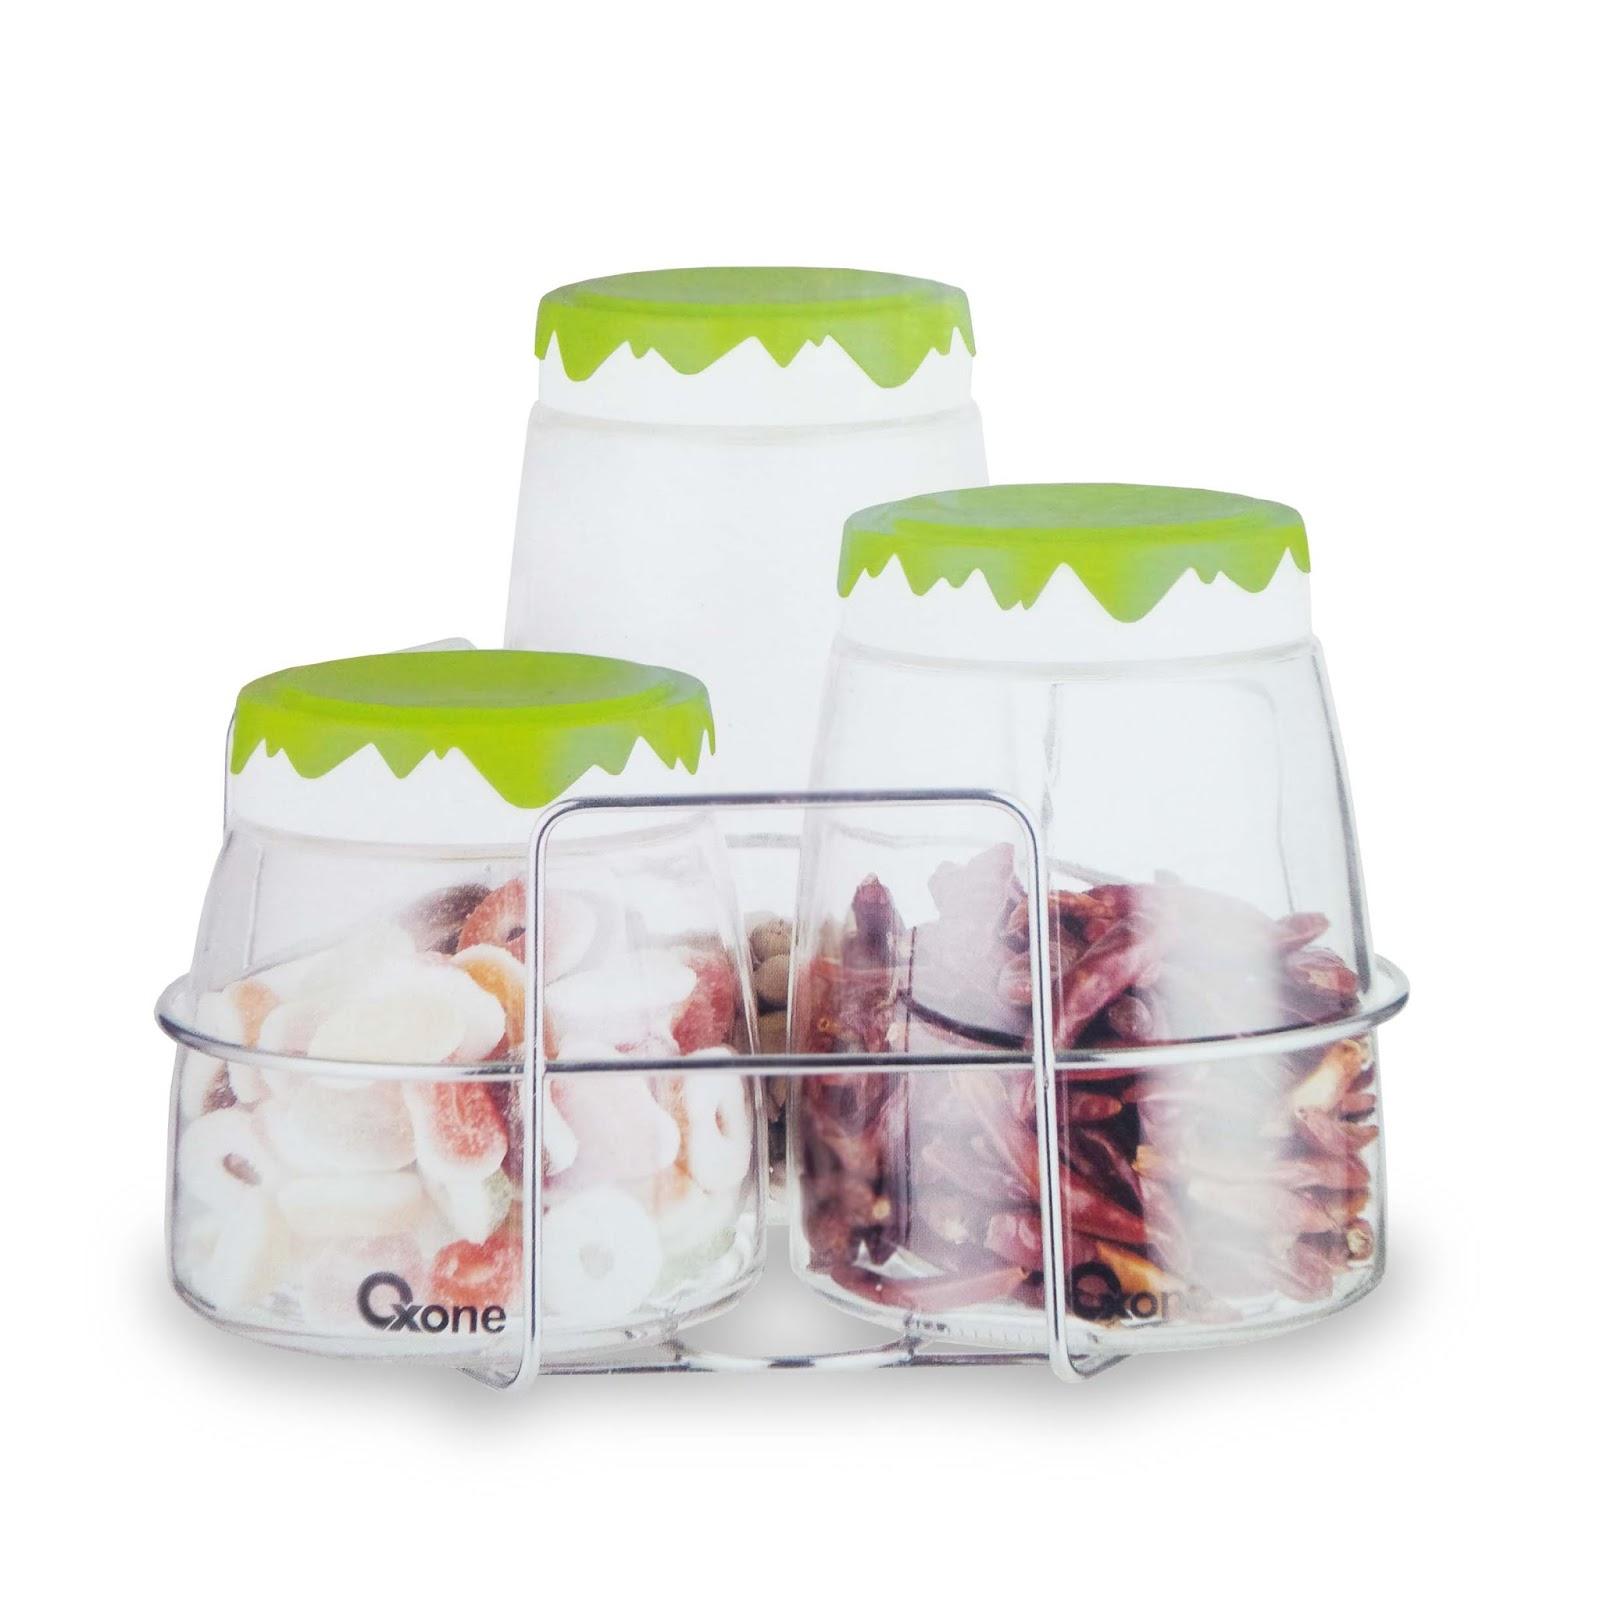 OX-404R Snowy Jars with Rack Oxone